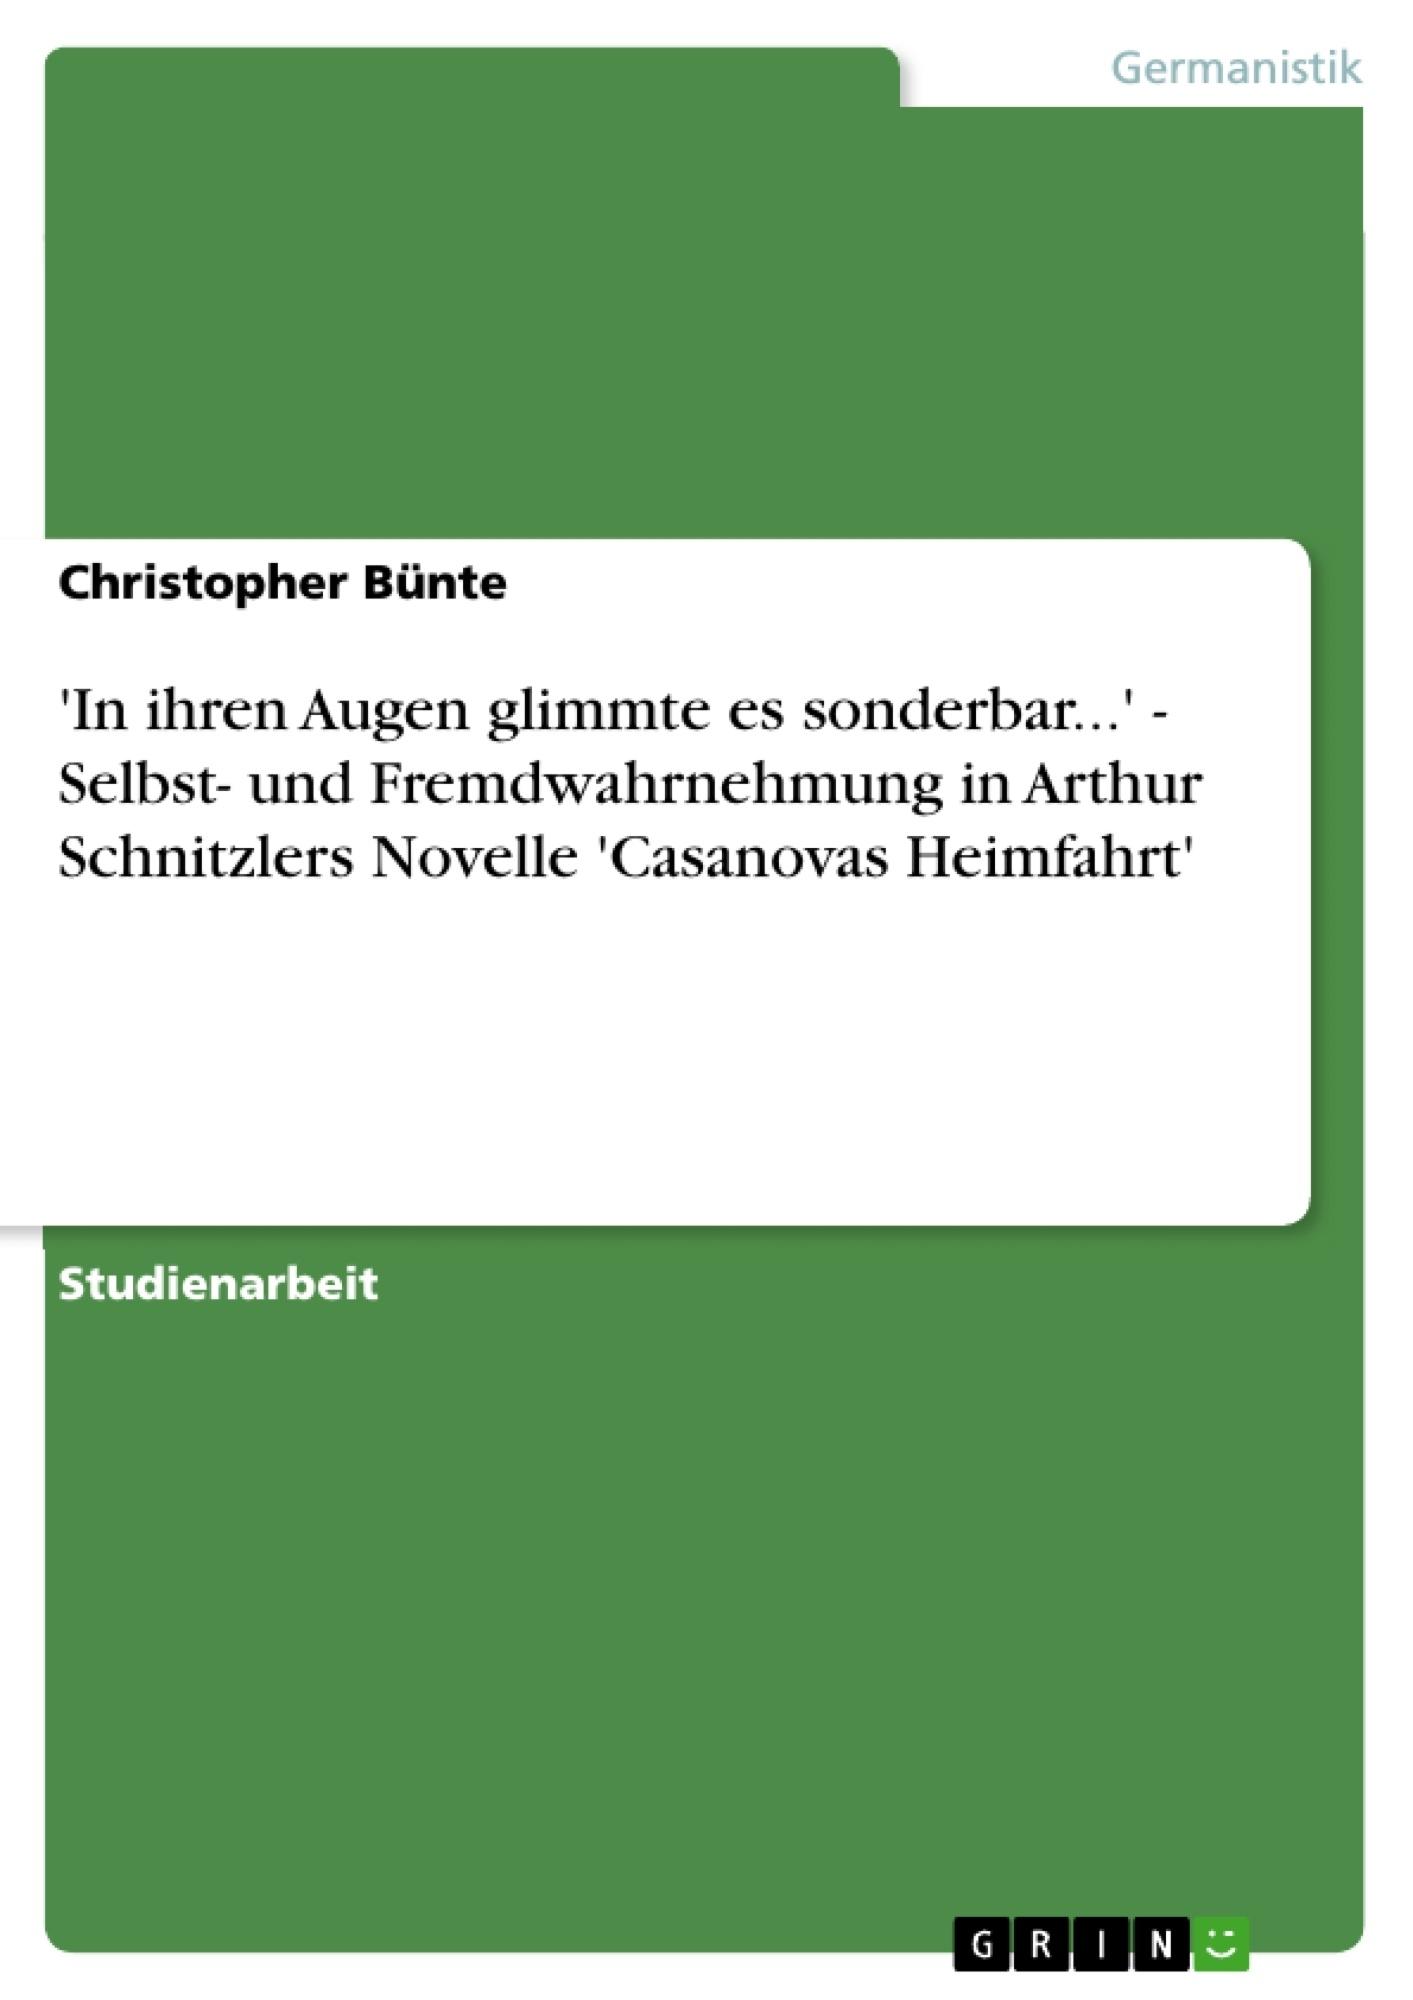 Titel: 'In ihren Augen glimmte es sonderbar...' - Selbst- und Fremdwahrnehmung in Arthur Schnitzlers Novelle 'Casanovas Heimfahrt'